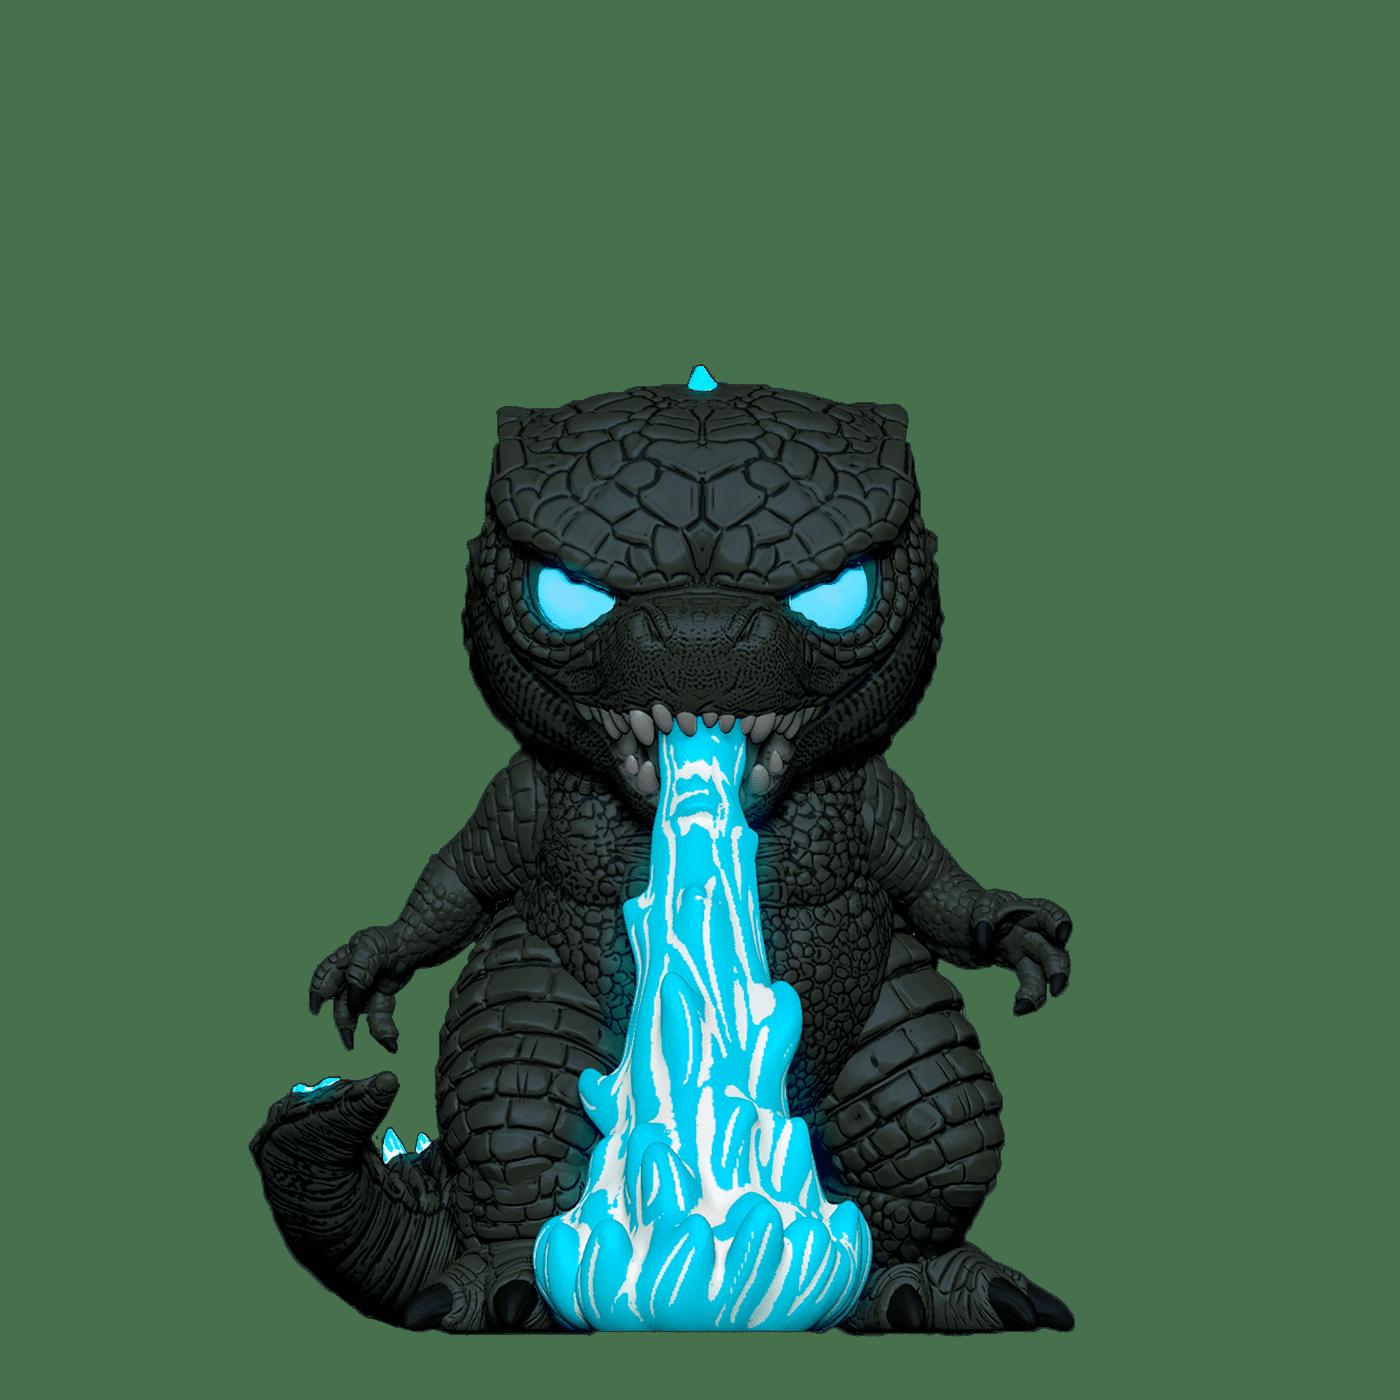 Фанко ПОП Годзилла с тепловым лучом светящийся (Heat Ray Godzilla GitD (Эксклюзив FYE)) из фильма Годзилла против Конга